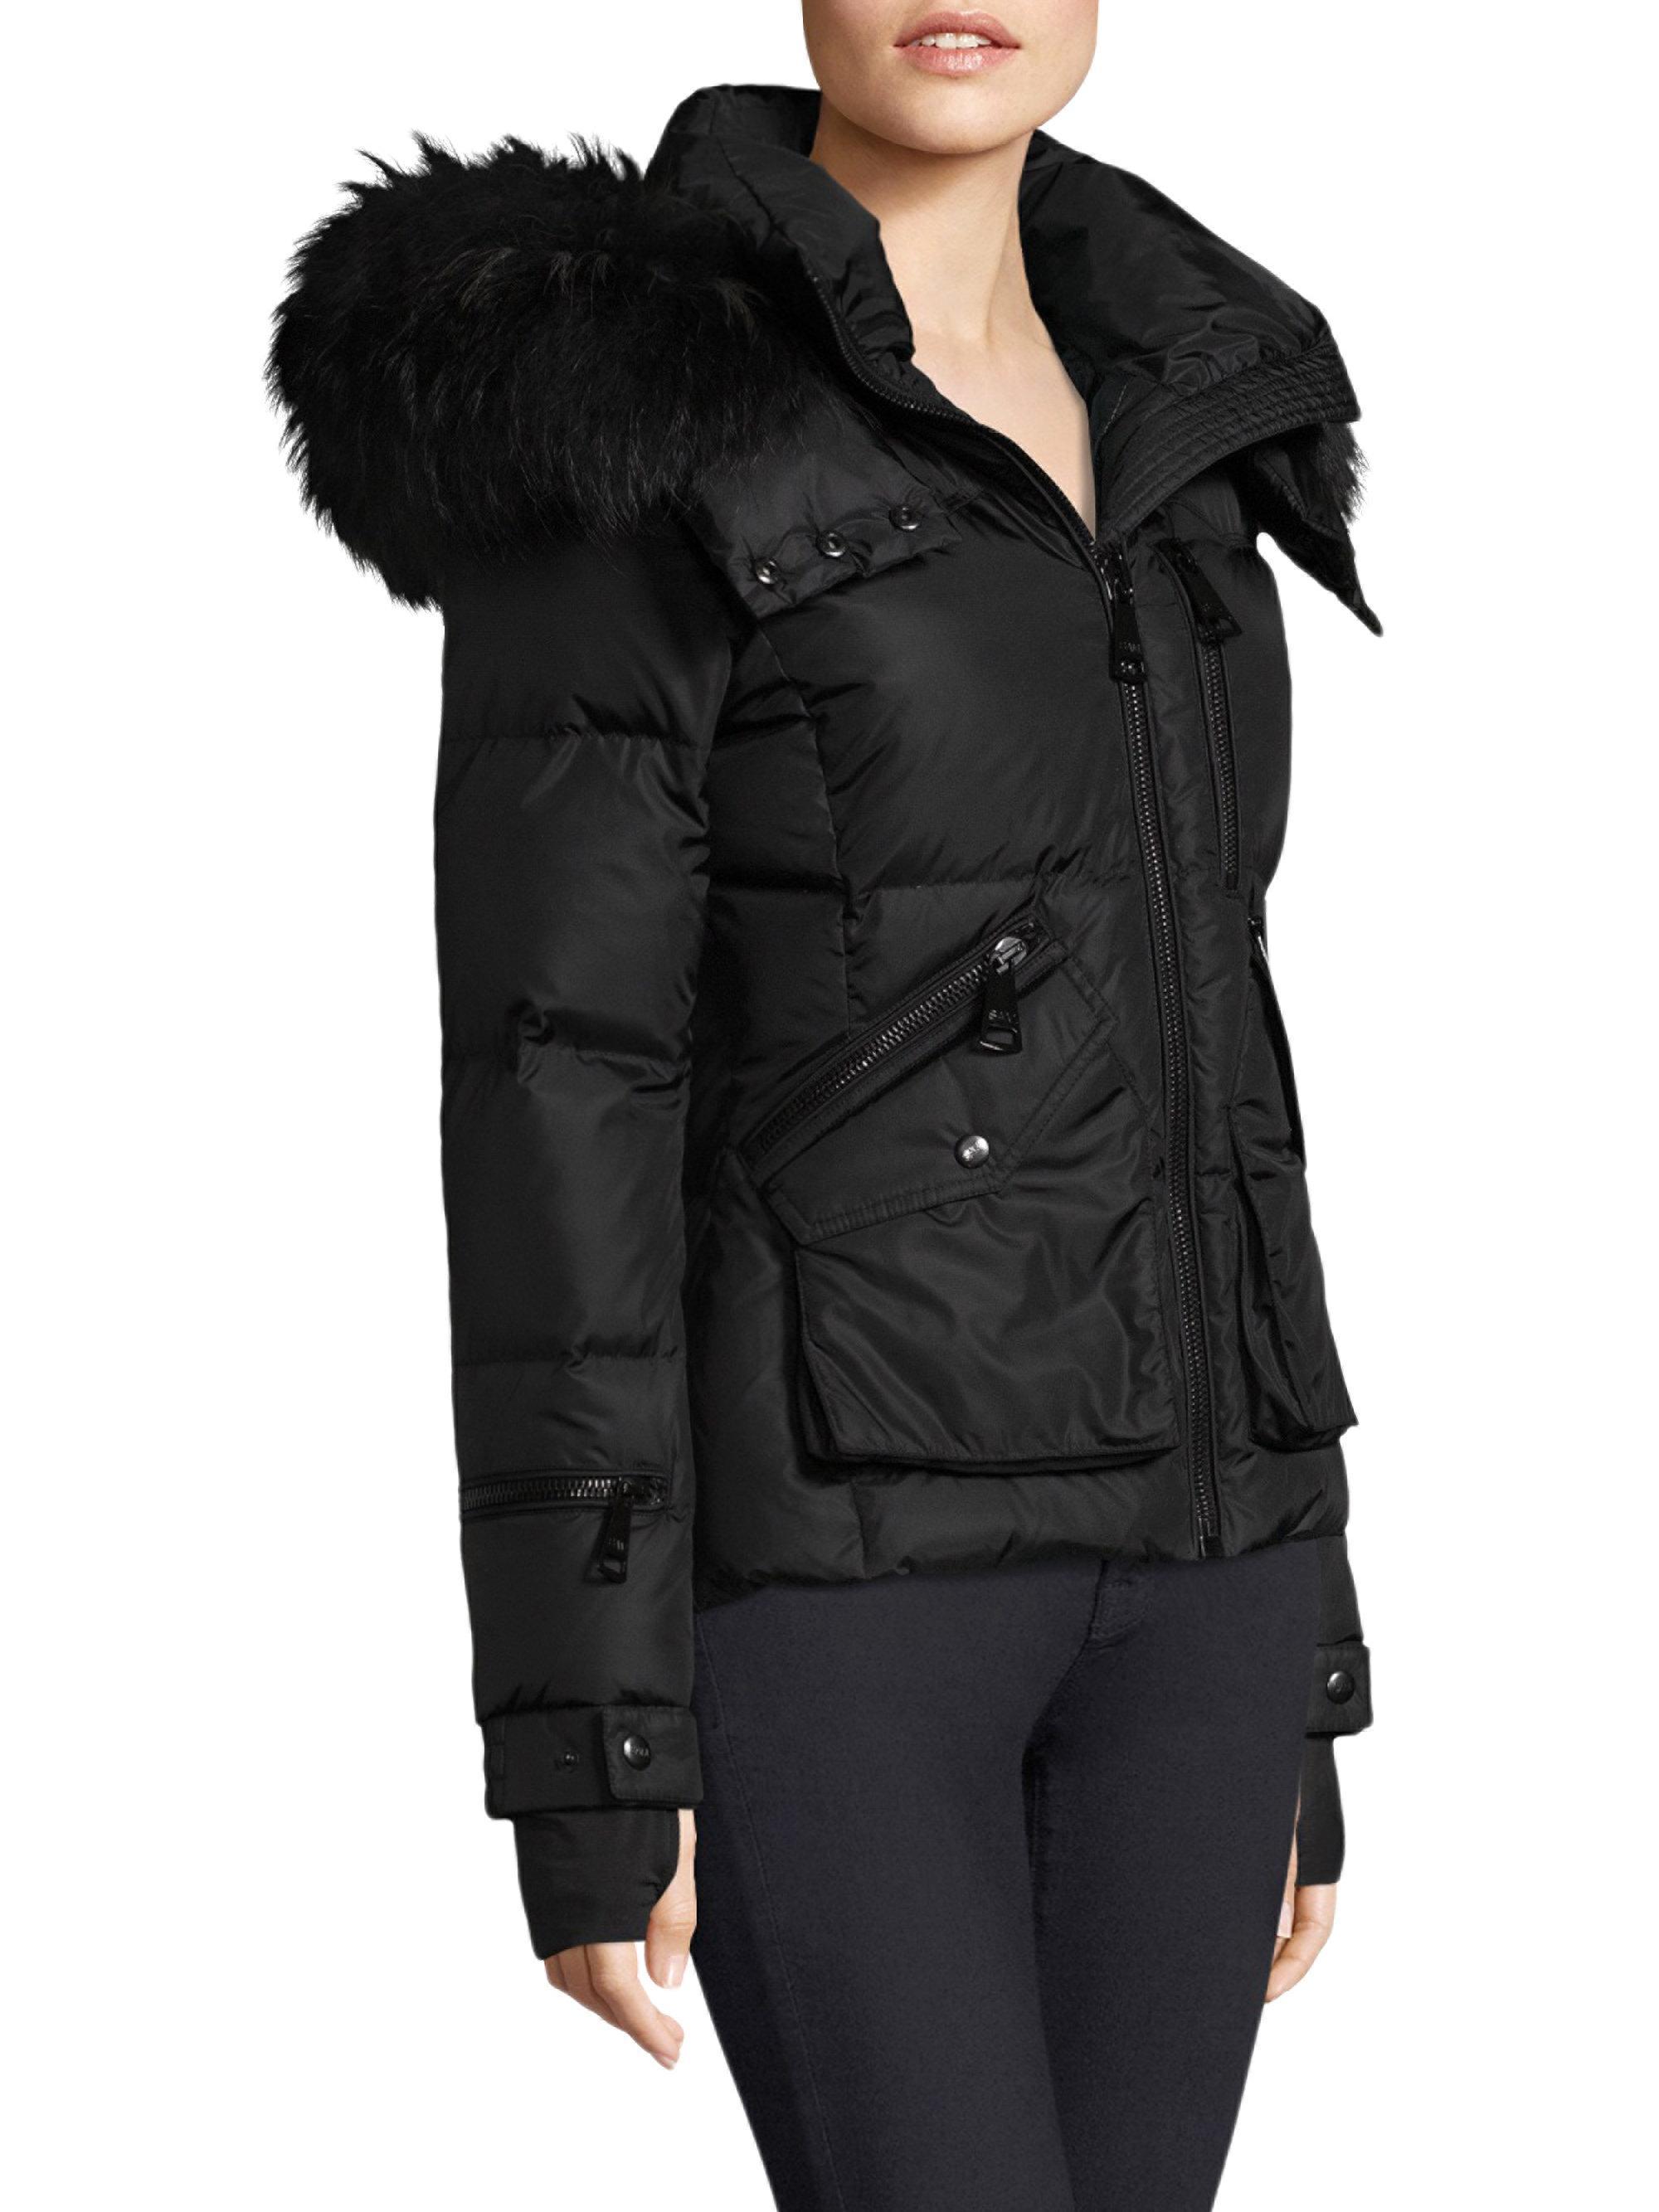 3f3f38f4b Sam. Jetset Fur Trimmed Coat in Black - Lyst